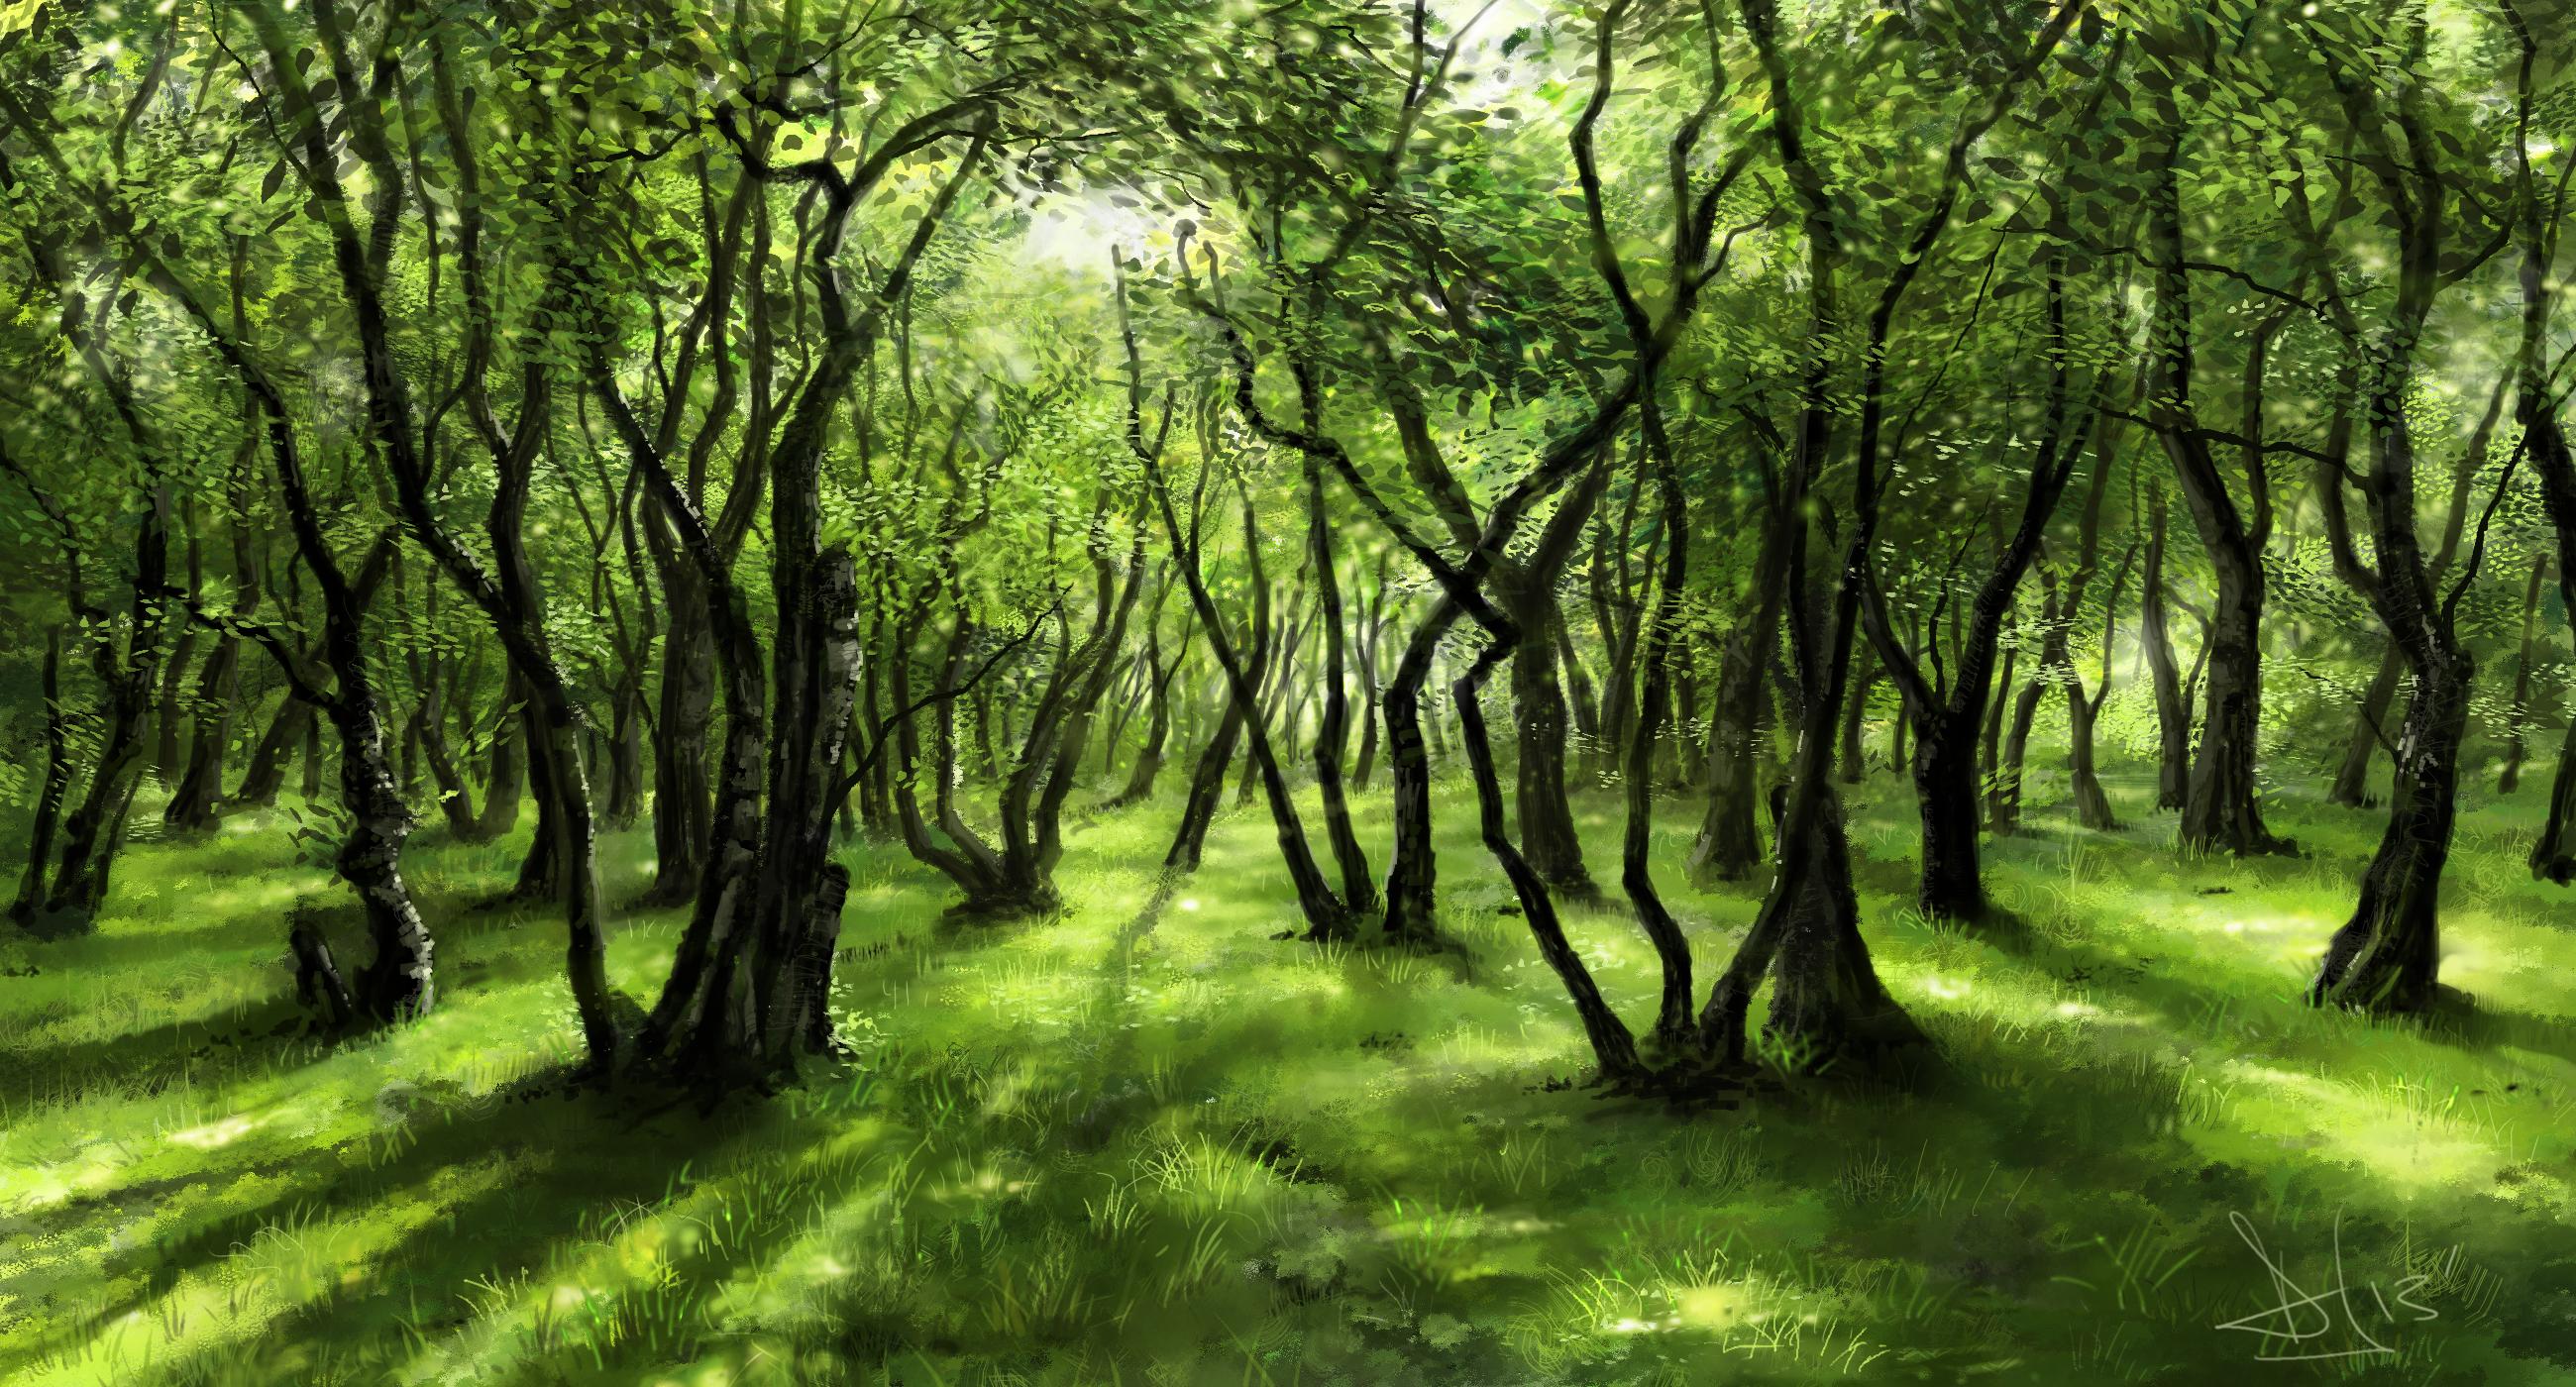 Green forest 2 of 3 by Sketchbookuniverse on DeviantArt